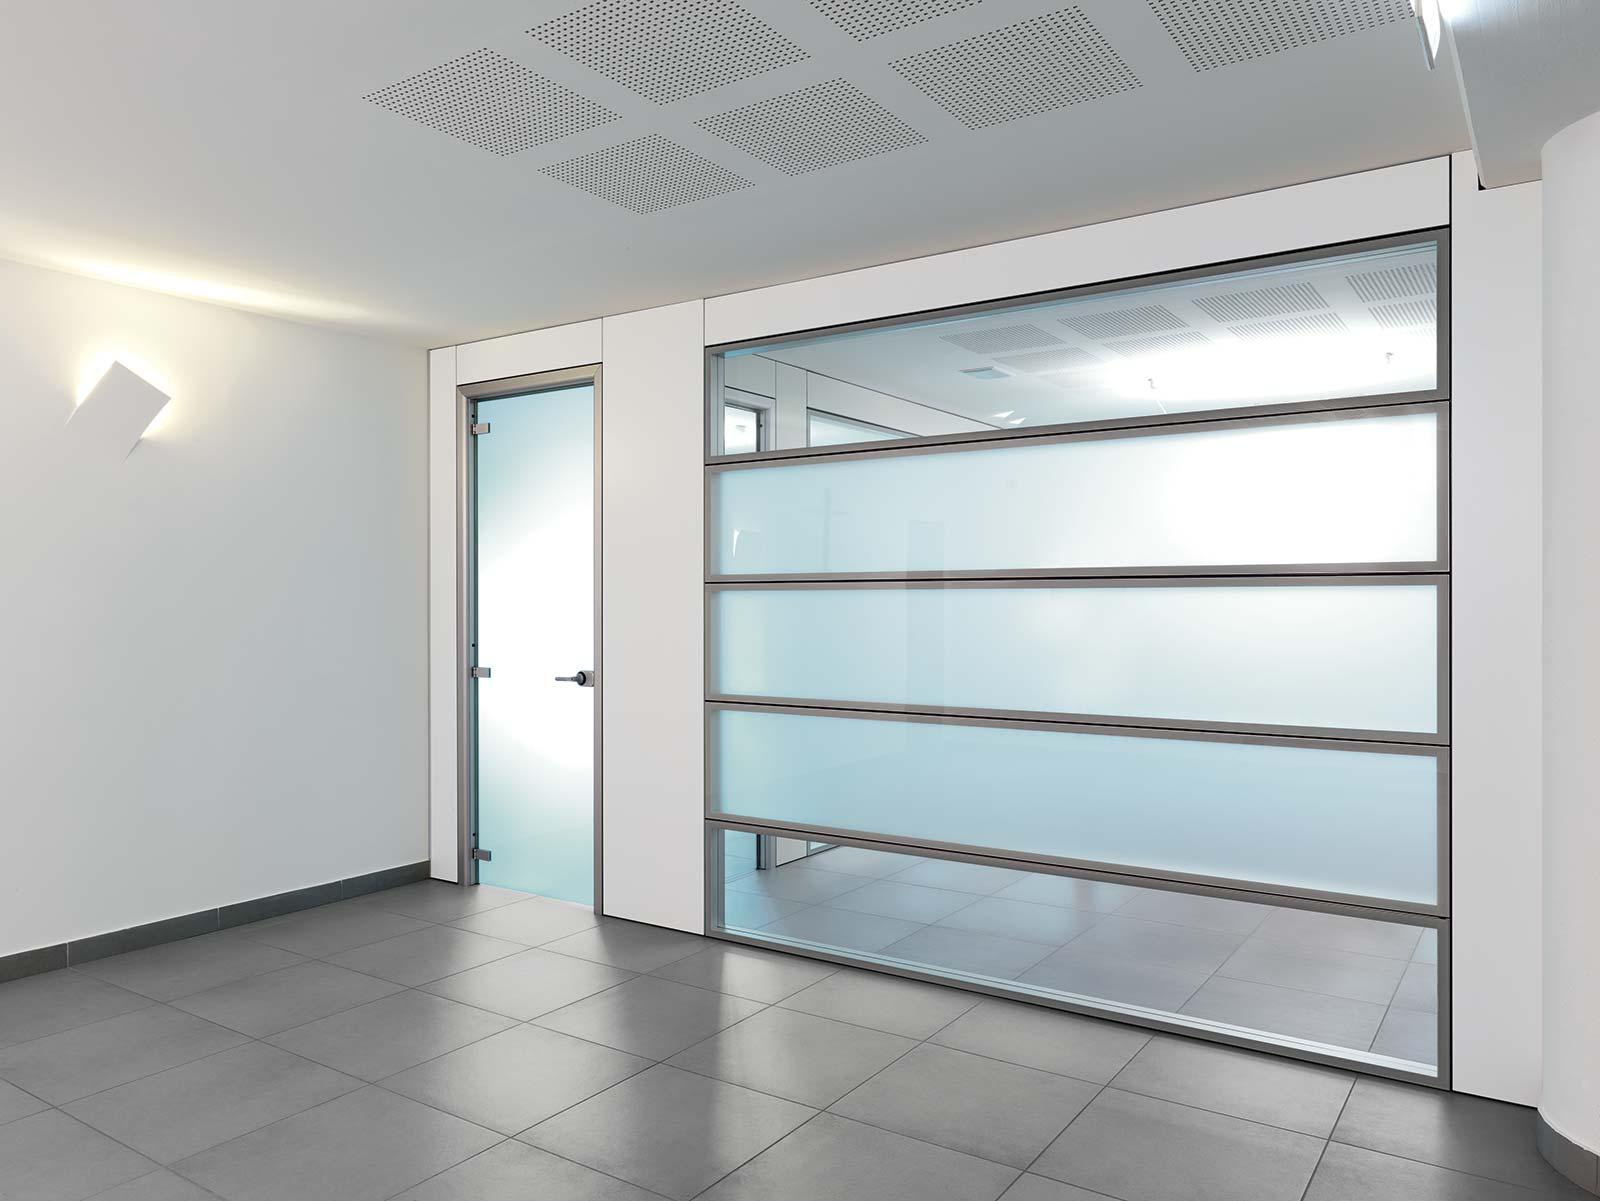 Pareti divisorie dm officina design - Parete divisoria in vetro prezzi ...